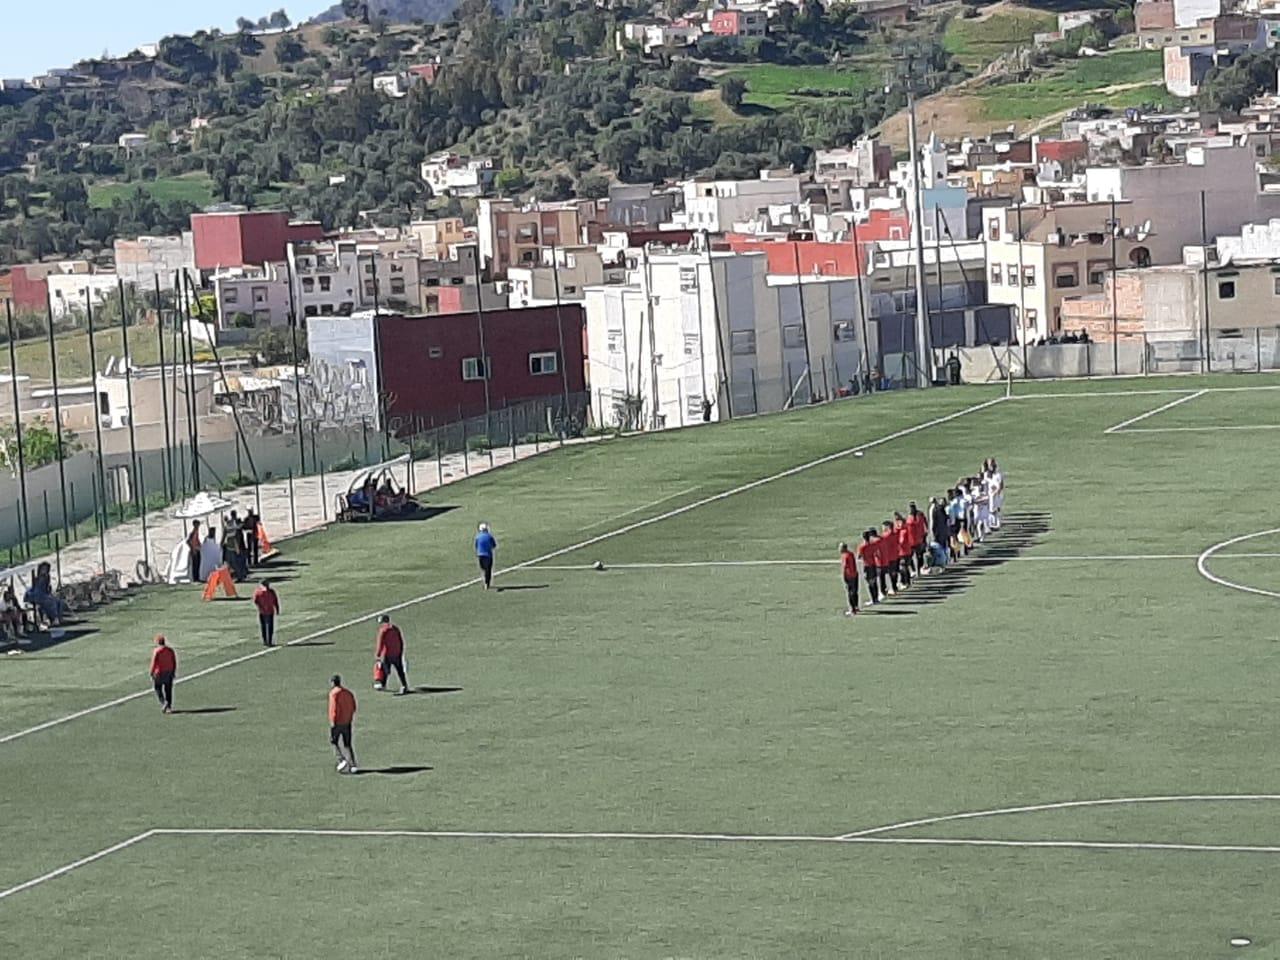 15 مصابا ب  كورونا  في مباراة لكرة القدم بالمغرب